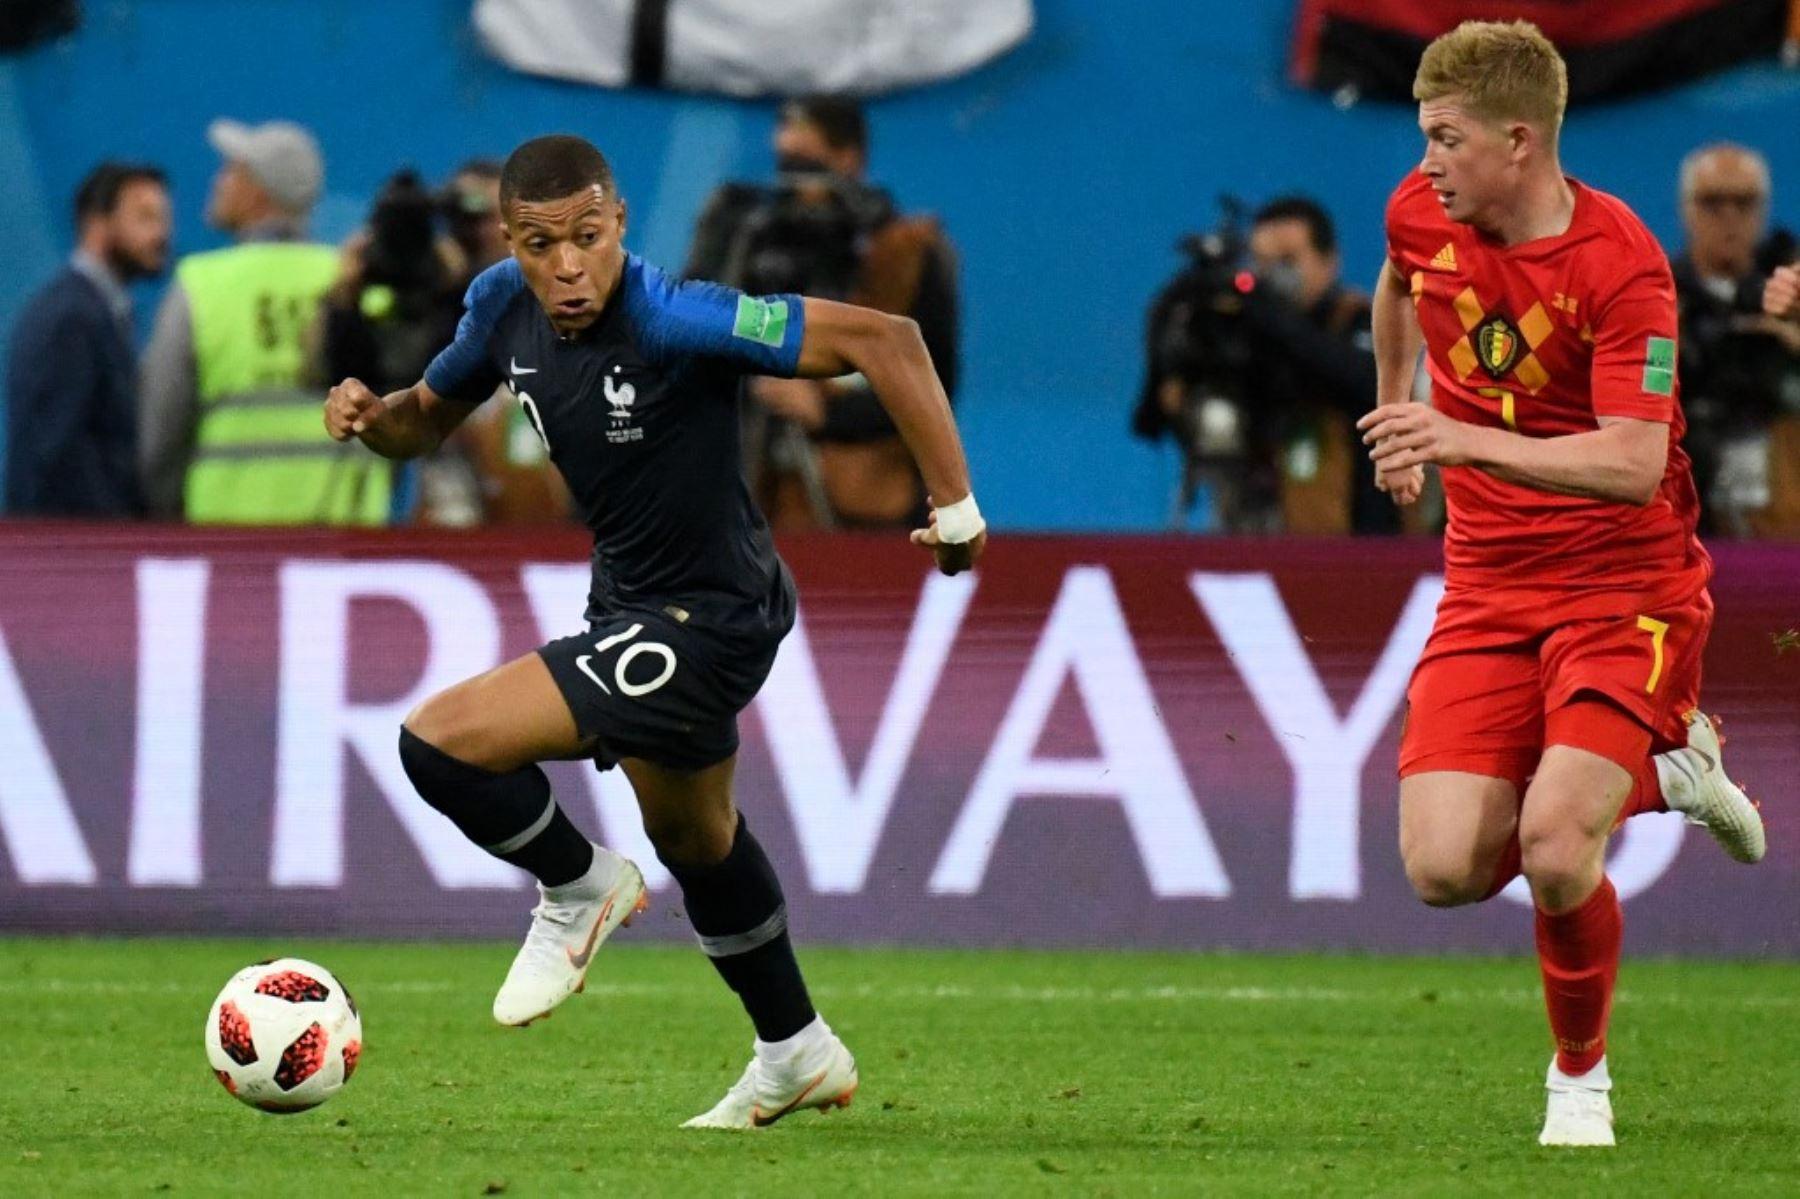 Bélgica-Francia partido electrizante por un lugar en la final de la Liga de Naciones